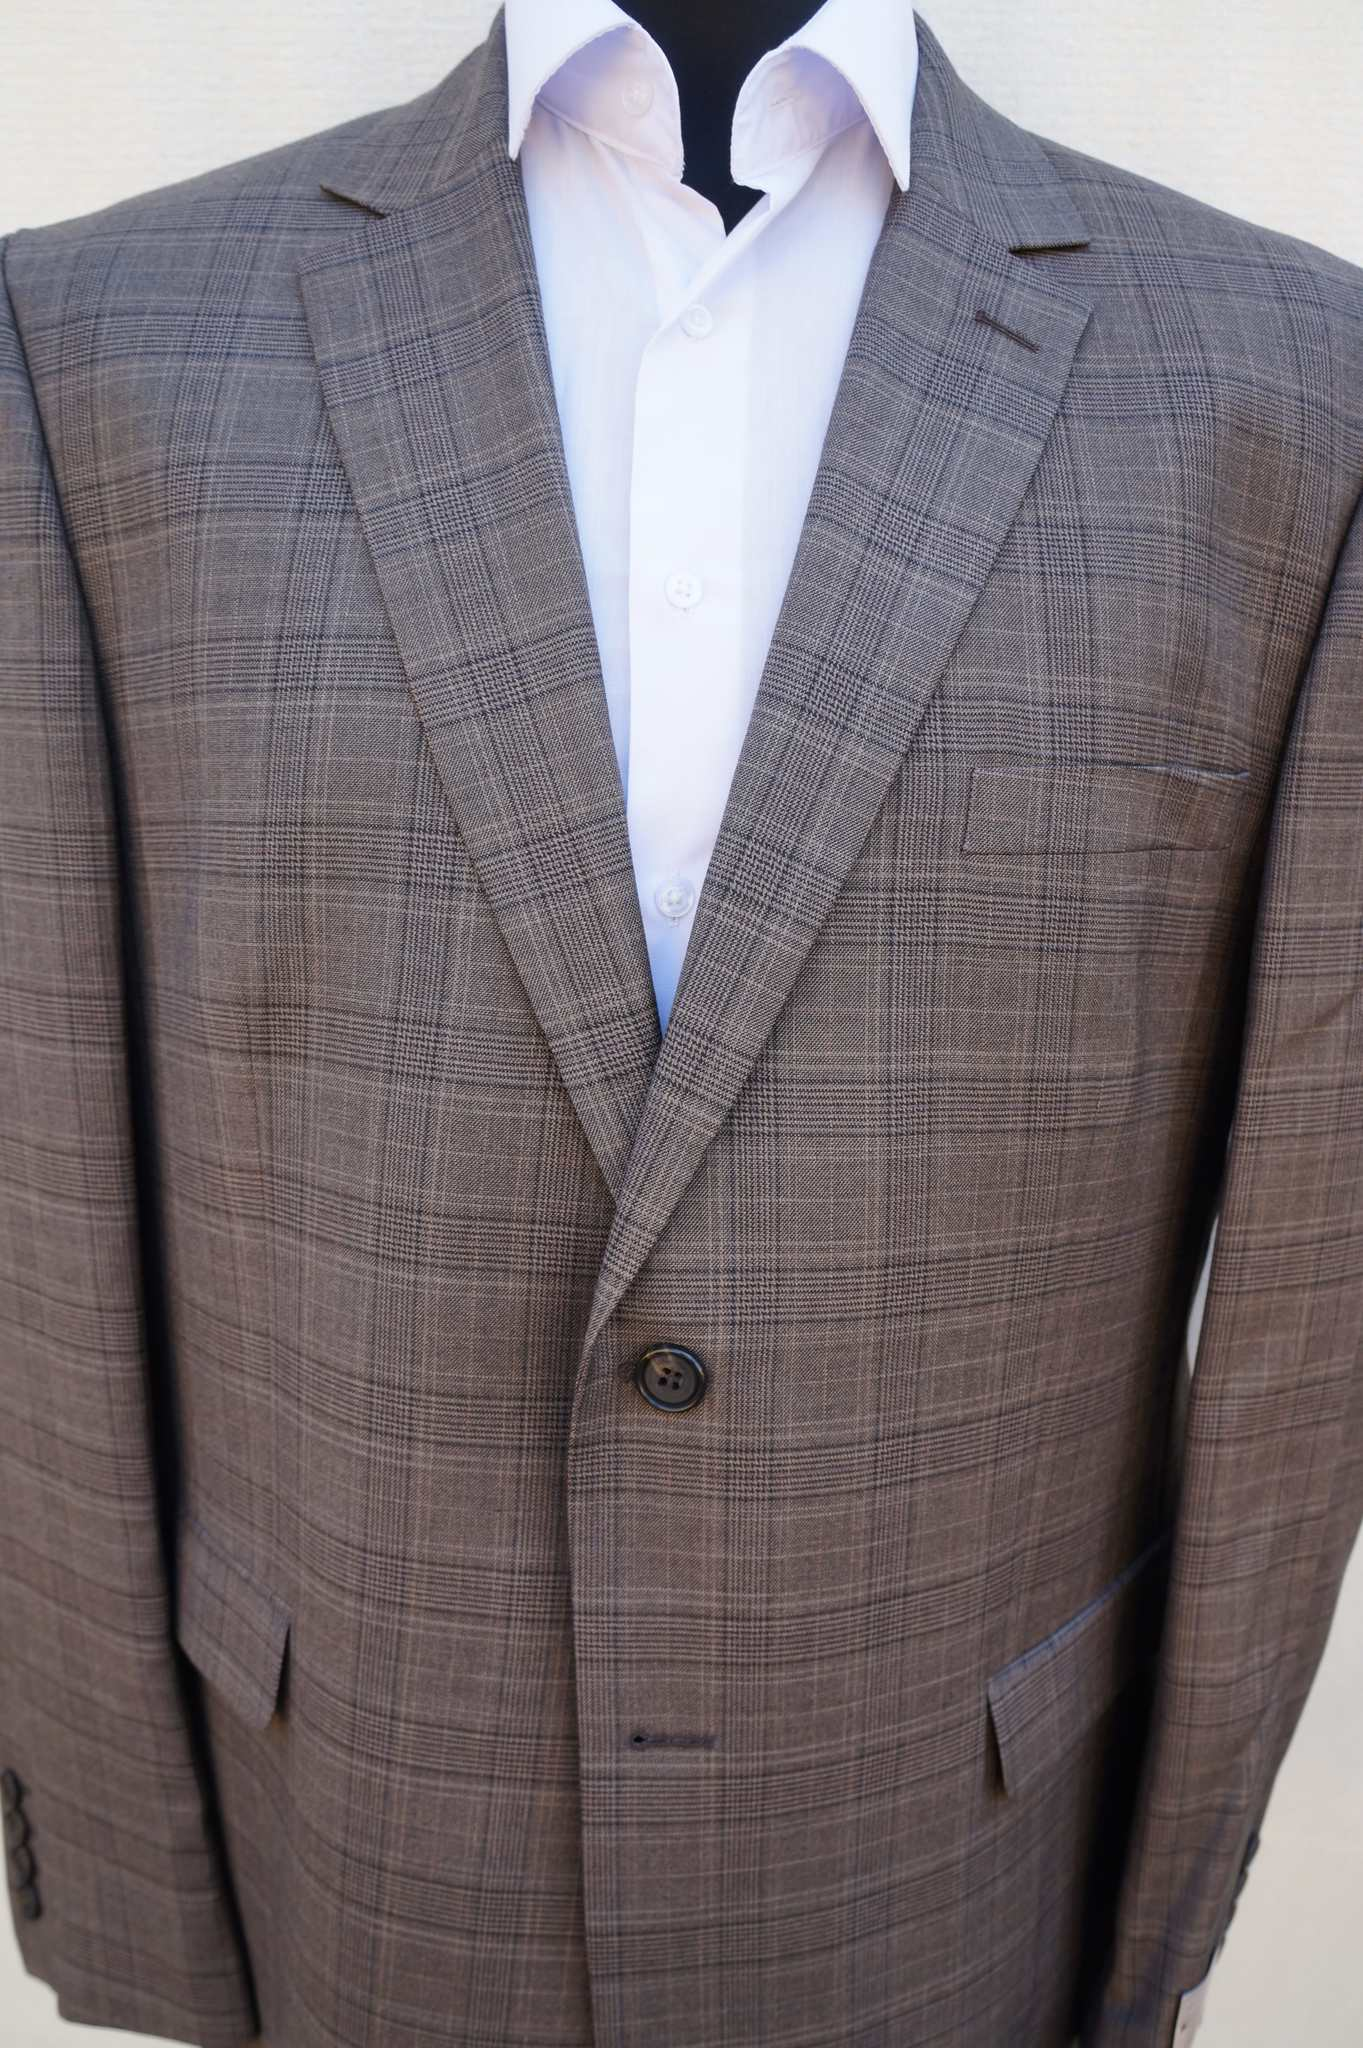 Пиджаки великаны SACO / Пиджак великан DSC00822-min.JPG